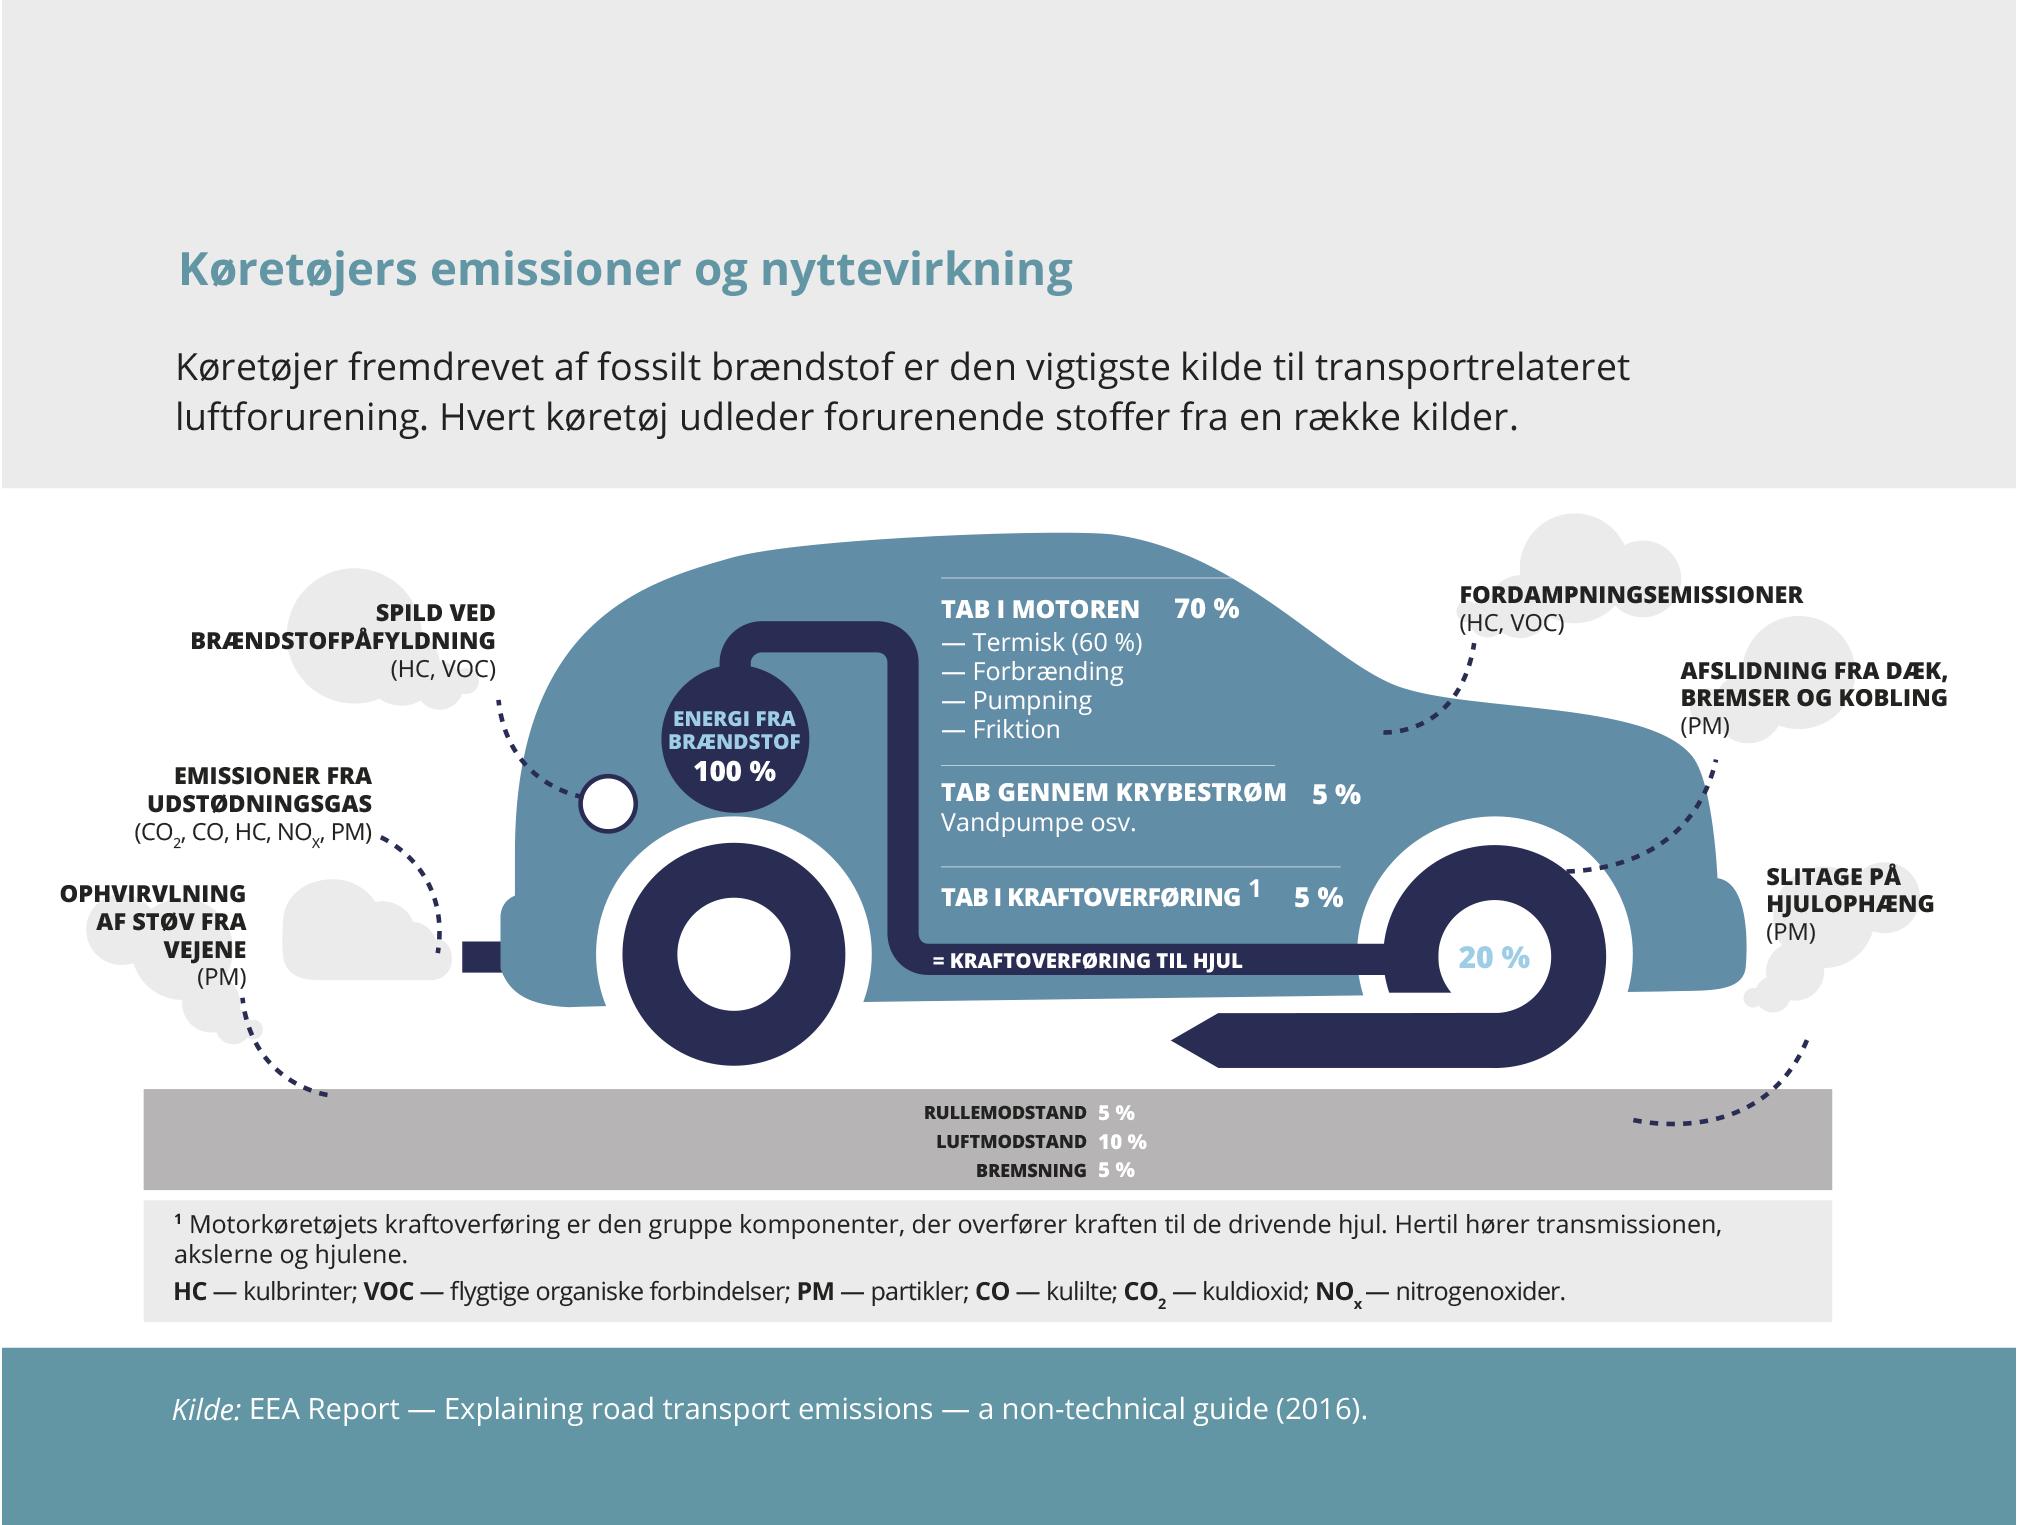 Køretøjers emissioner og nyttevirkning